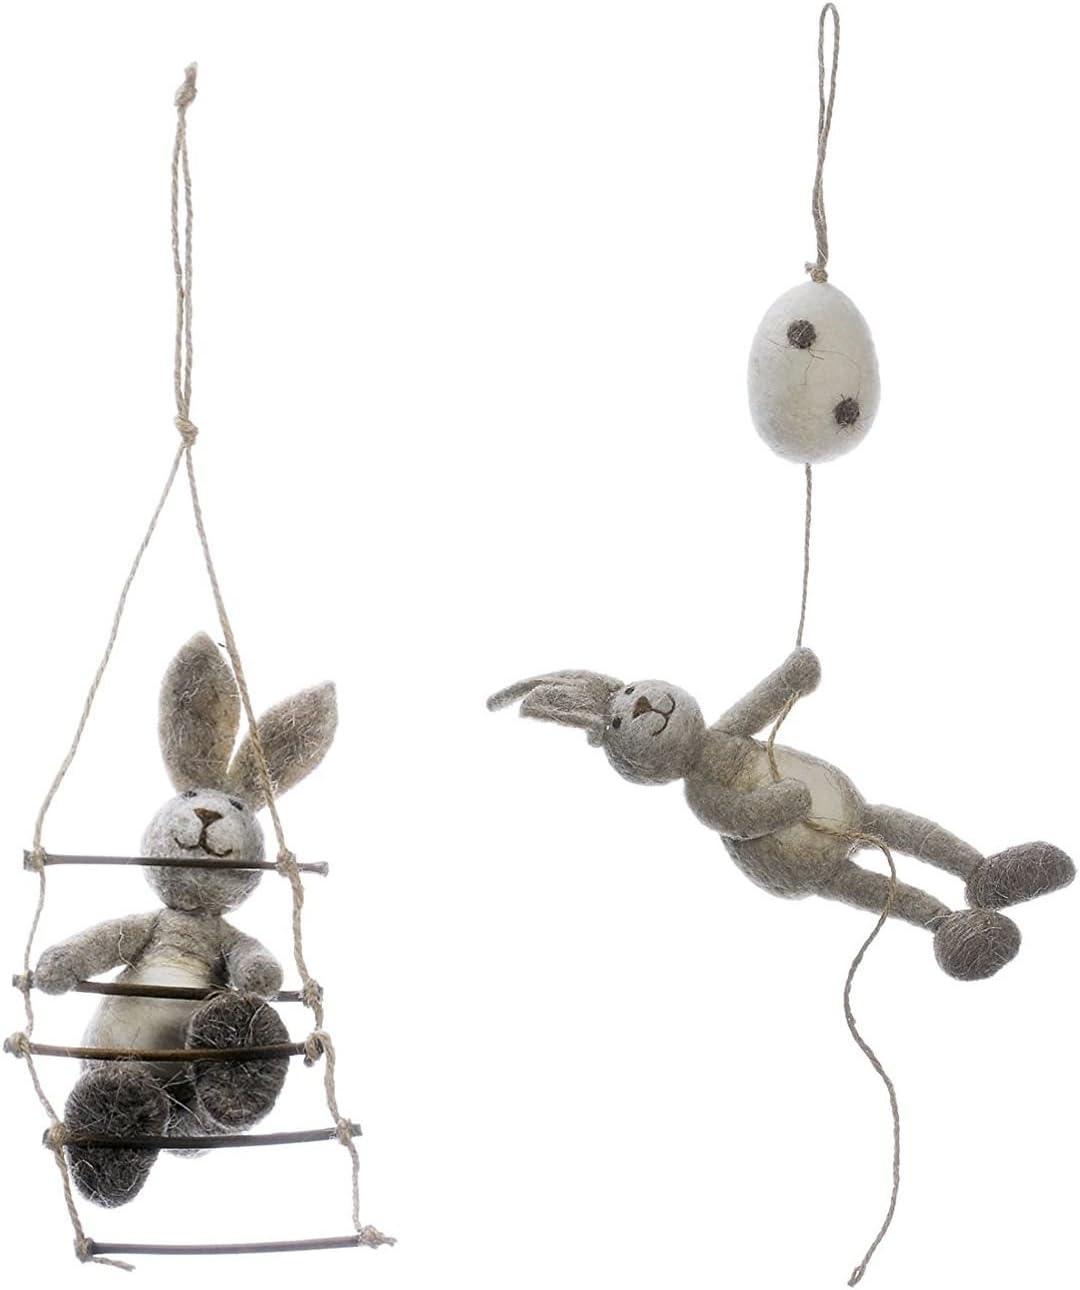 2 pcs colgante conejo en escalera con huevo de Pascua pares para colgar en la ventana decorativa Decoración de Pascua: Amazon.es: Hogar